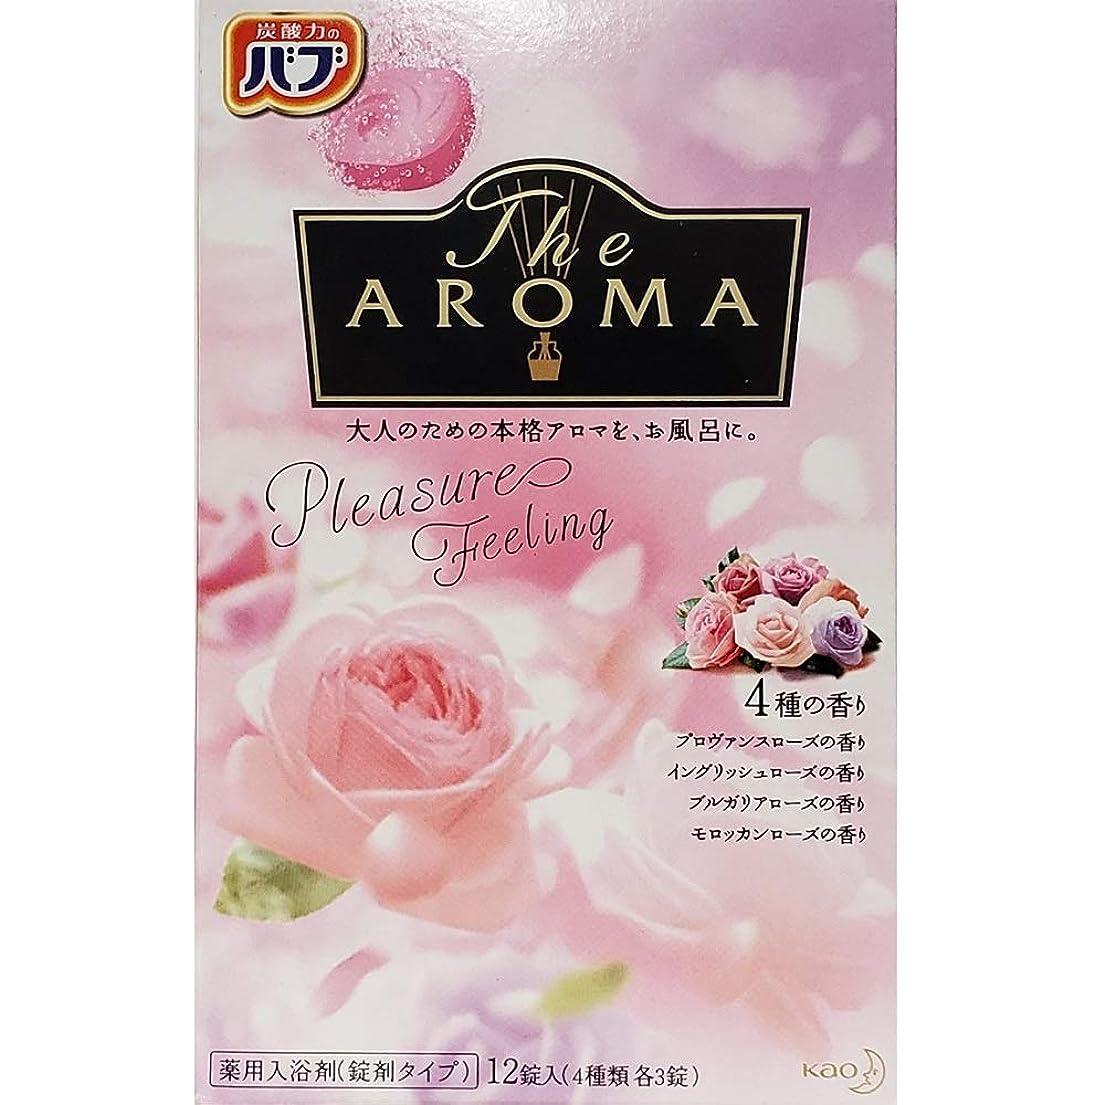 敵意流言うバブ The Aroma Pleasure Feeling 40g×12錠(4種類 各3錠) 医薬部外品